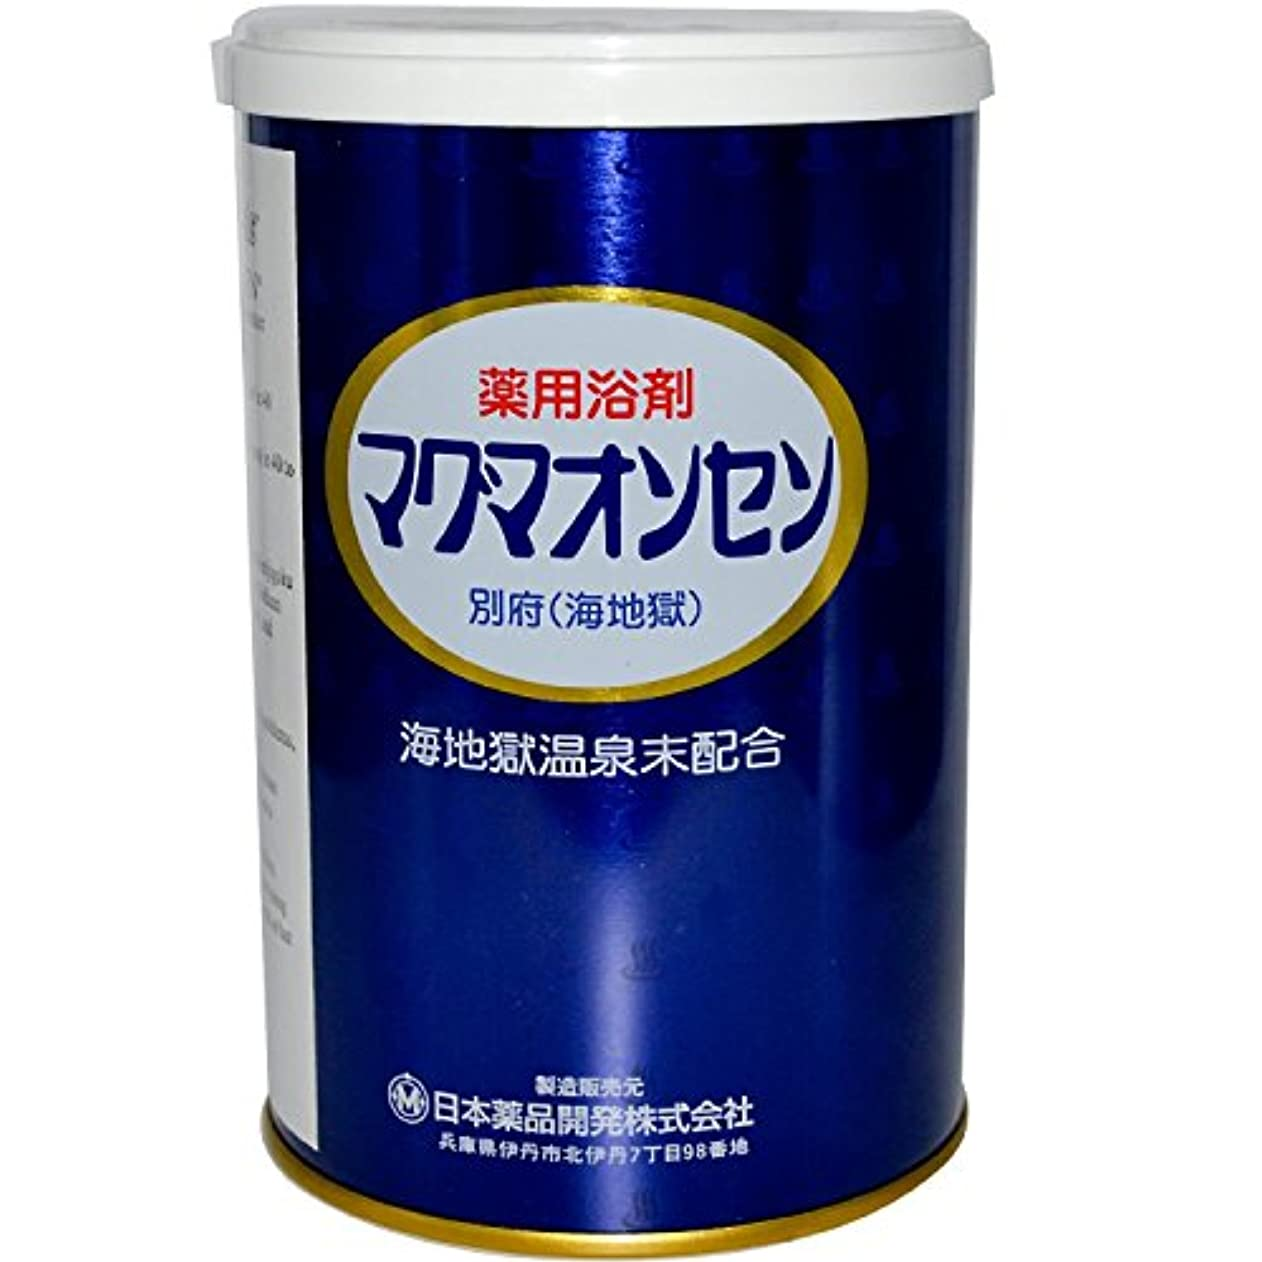 恥ずかしさ比較的面白いマグマオンセン別府(海地獄) 500g三缶